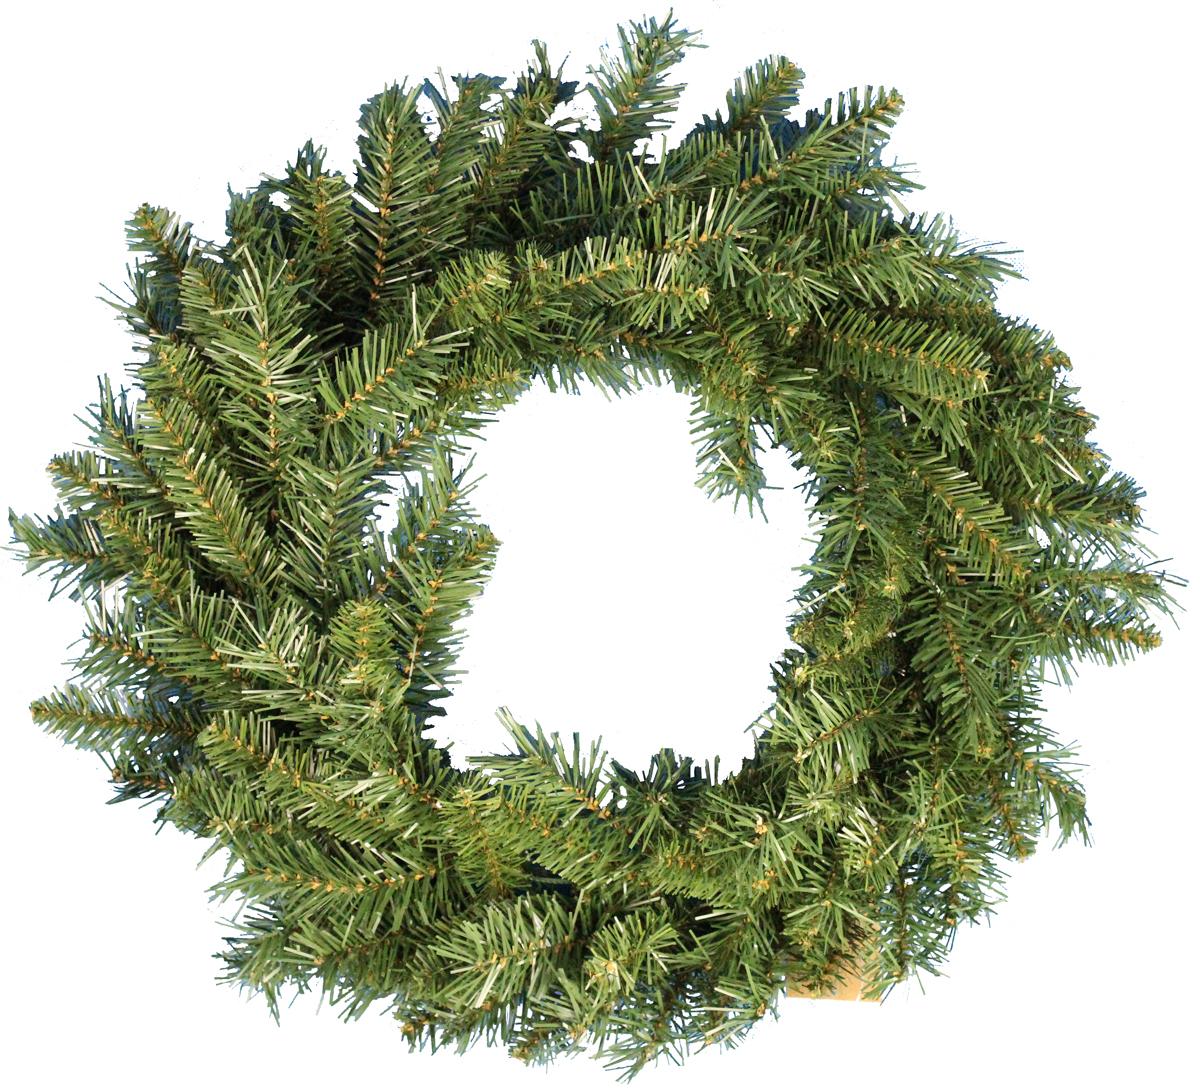 Венок Beatrees Sherwood, цвет: зеленый, диаметр 60 смGN13G-WSA24MOROZCO крупнейший бренд, собственное производство в России.Искусственная ель - прекрасный вариант для оформления интерьера к Новому году. Остается только собрать и нарядить красавицу. Такие деревья абсолютно безопасны , удобны в сборке и не занимают много места при хранении. Ель состоит из верхушки, сборного ствола, в комплект входит устойчивая подставка. Ель быстро и легко устанавливается. Материал пвх.Продукция под ТМ Morozco не уступает лучшей импортной по качеству и выгодно отличается от нее ценой. Вся продукция, сертифицирована и соответствует санитарным нормам и требованиям безопасности. Товар сопровождается инструкцией по сборке. Произведено под ТМ Morozco в Китае.